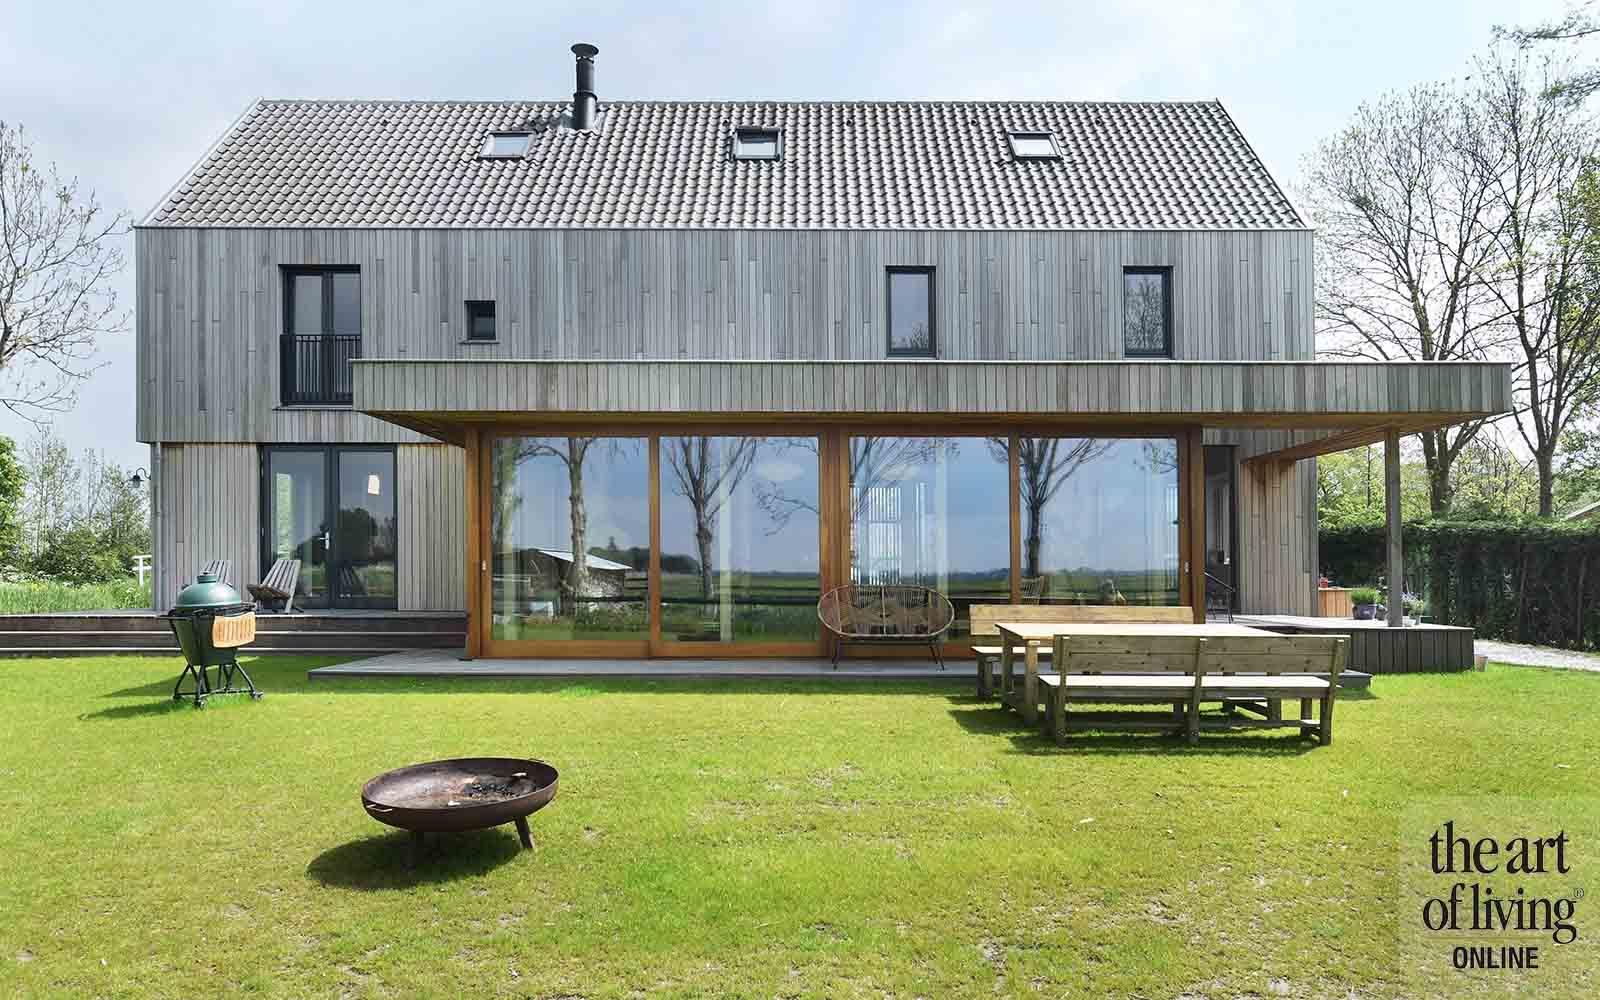 moderne moderne schuurwoning   Hoyt Architecten, the art of living   Hoyt Architectenm, the art of living